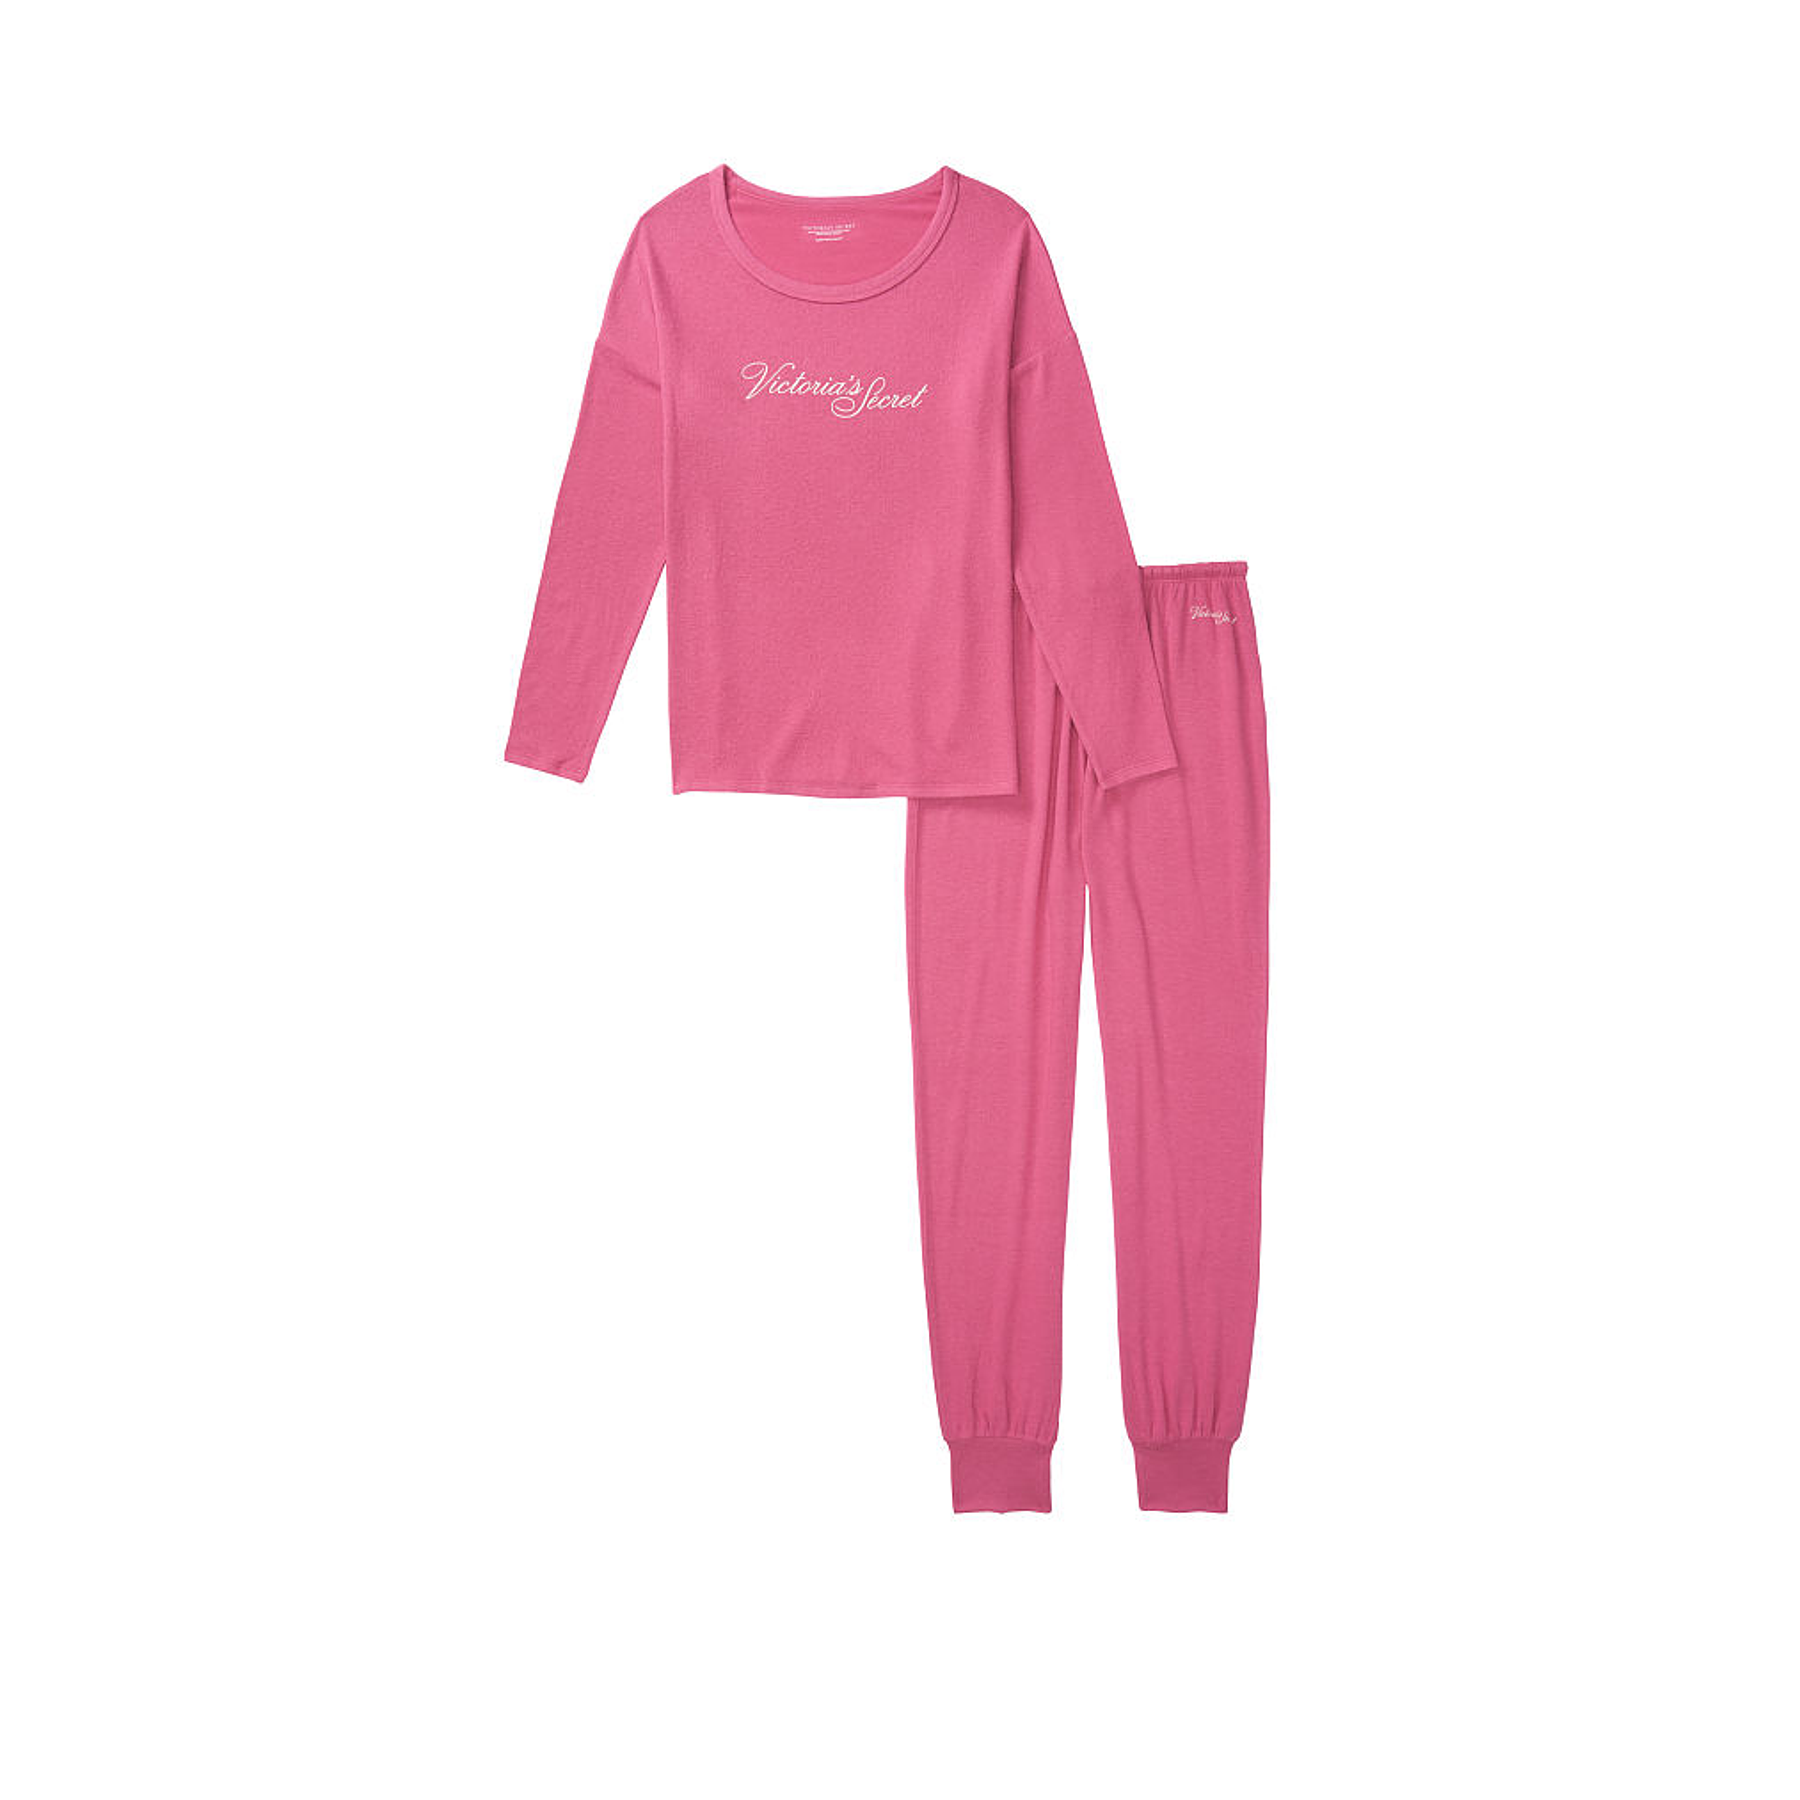 Conjunto Pijama Jogger Fucsia Victoria Secret